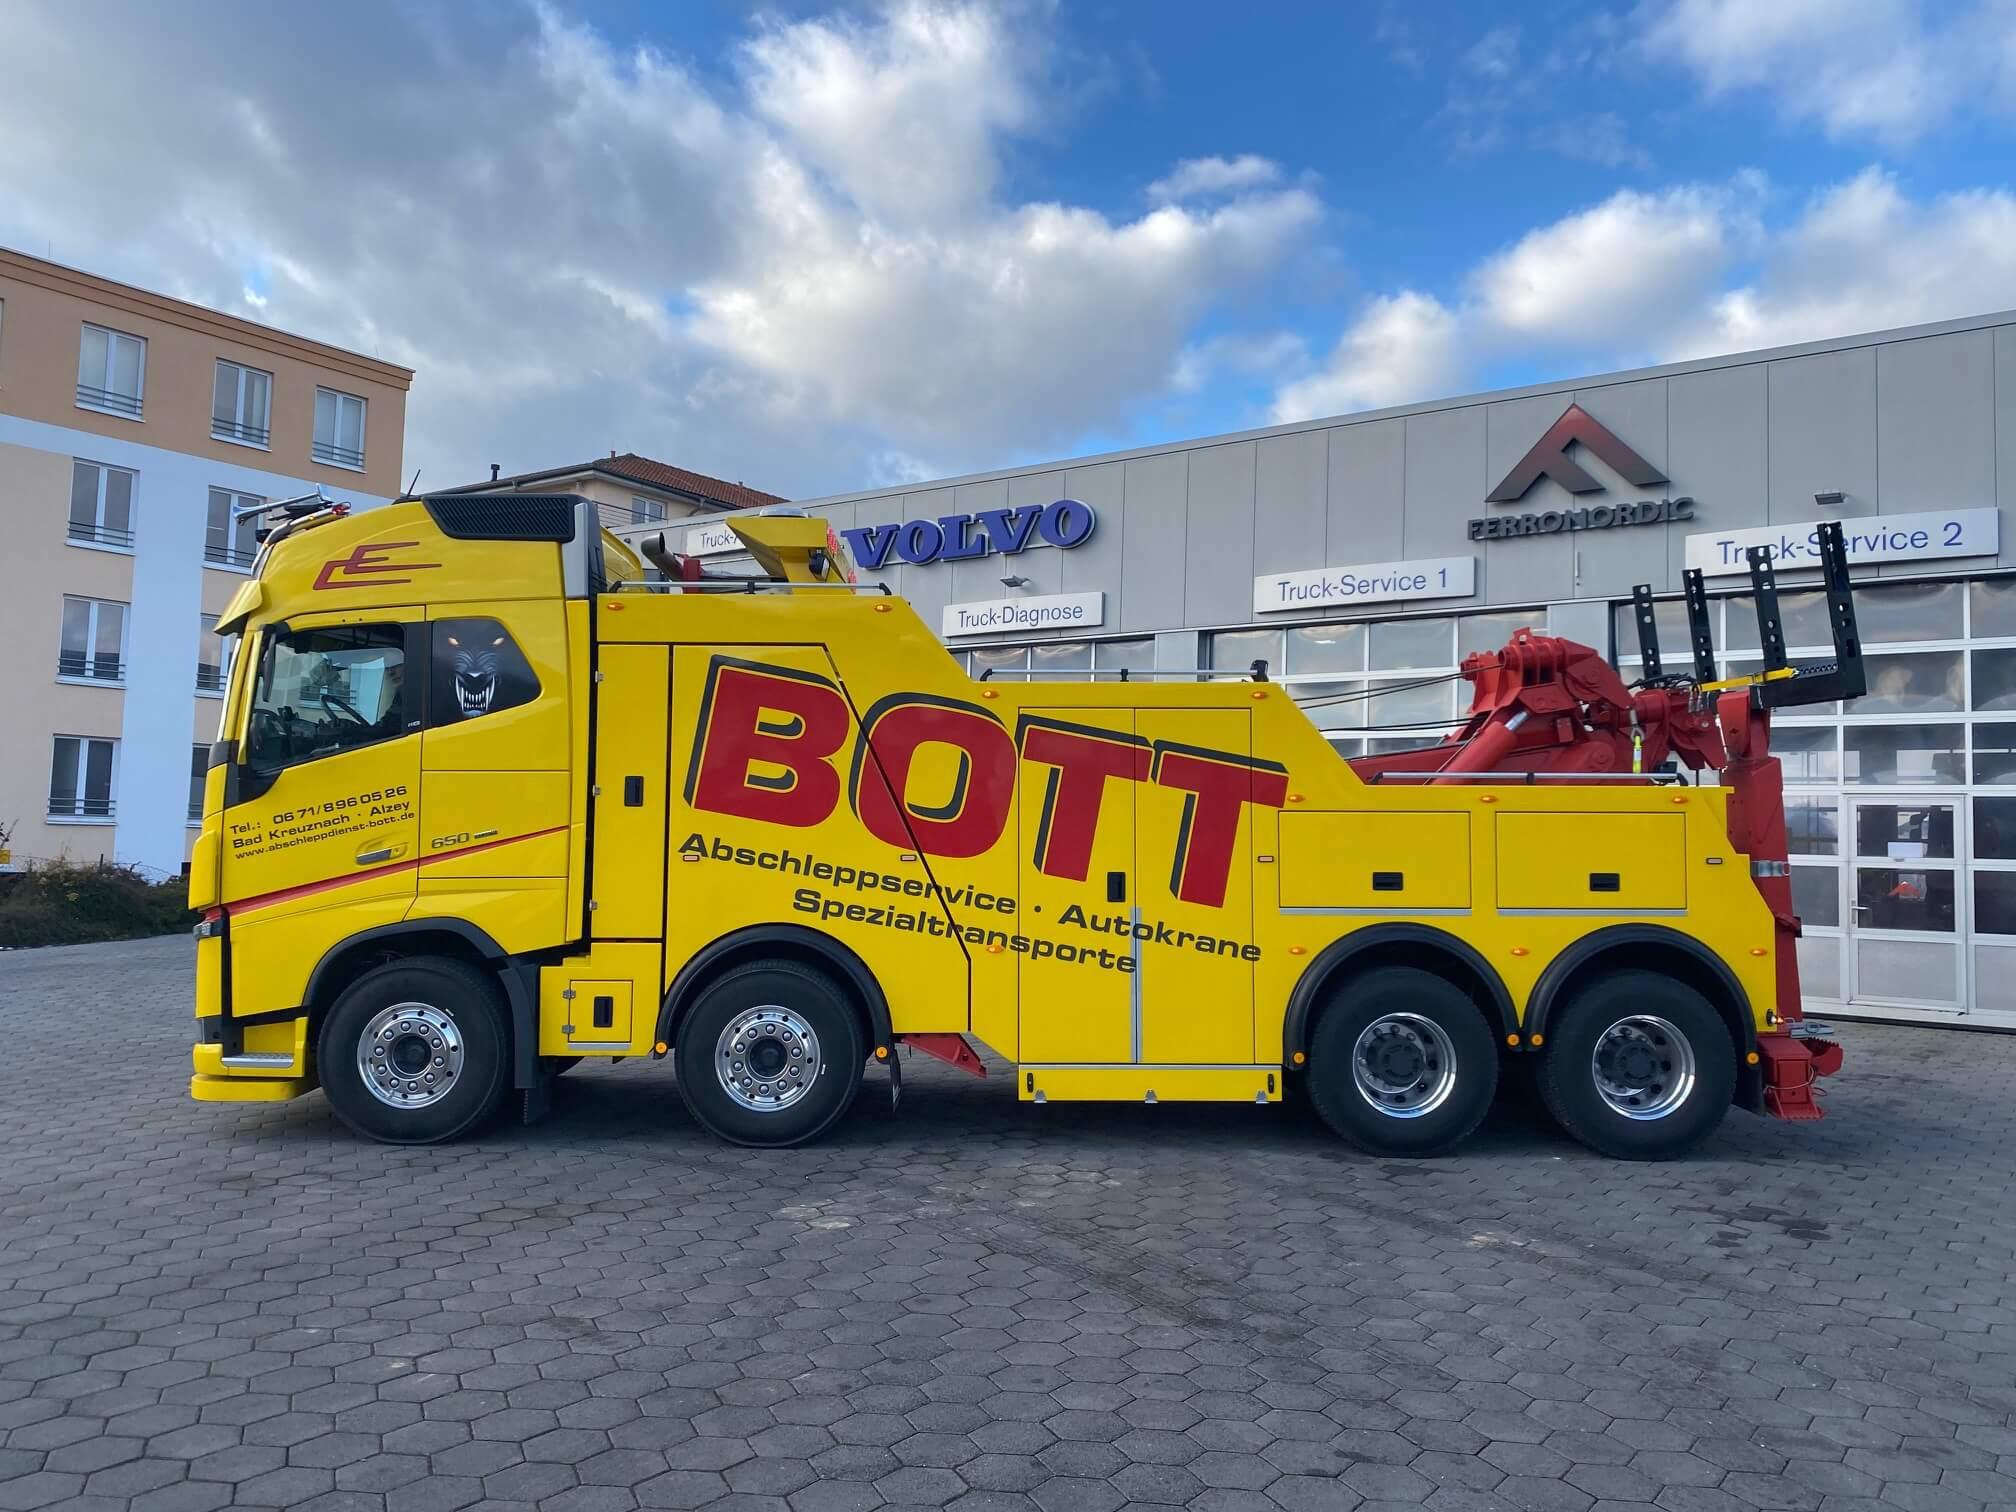 Volvo FH16 650 8x4 Abschlepp- und Bergungsfahrzeuges geliefert an Firma Bott Abschleppdienst GmbH aus Bad Kreuznach.